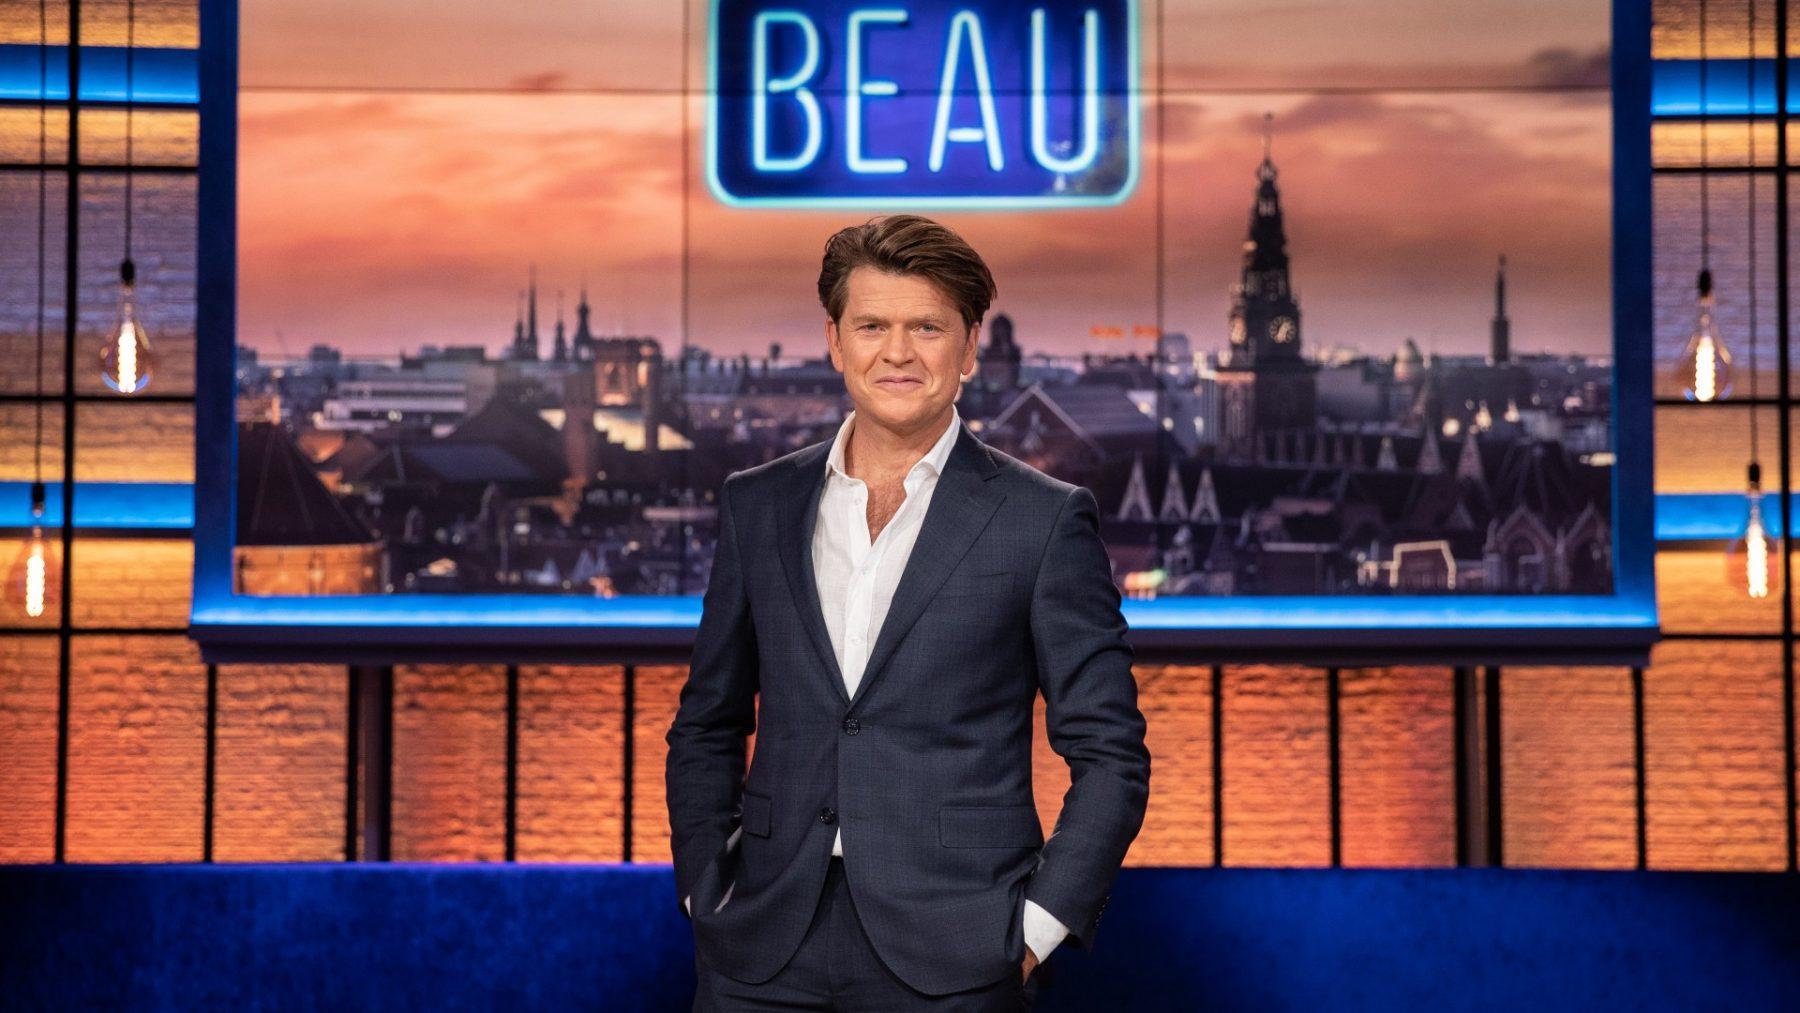 Beau vraagt per ongeluk naar Frans Bauers overleden vader